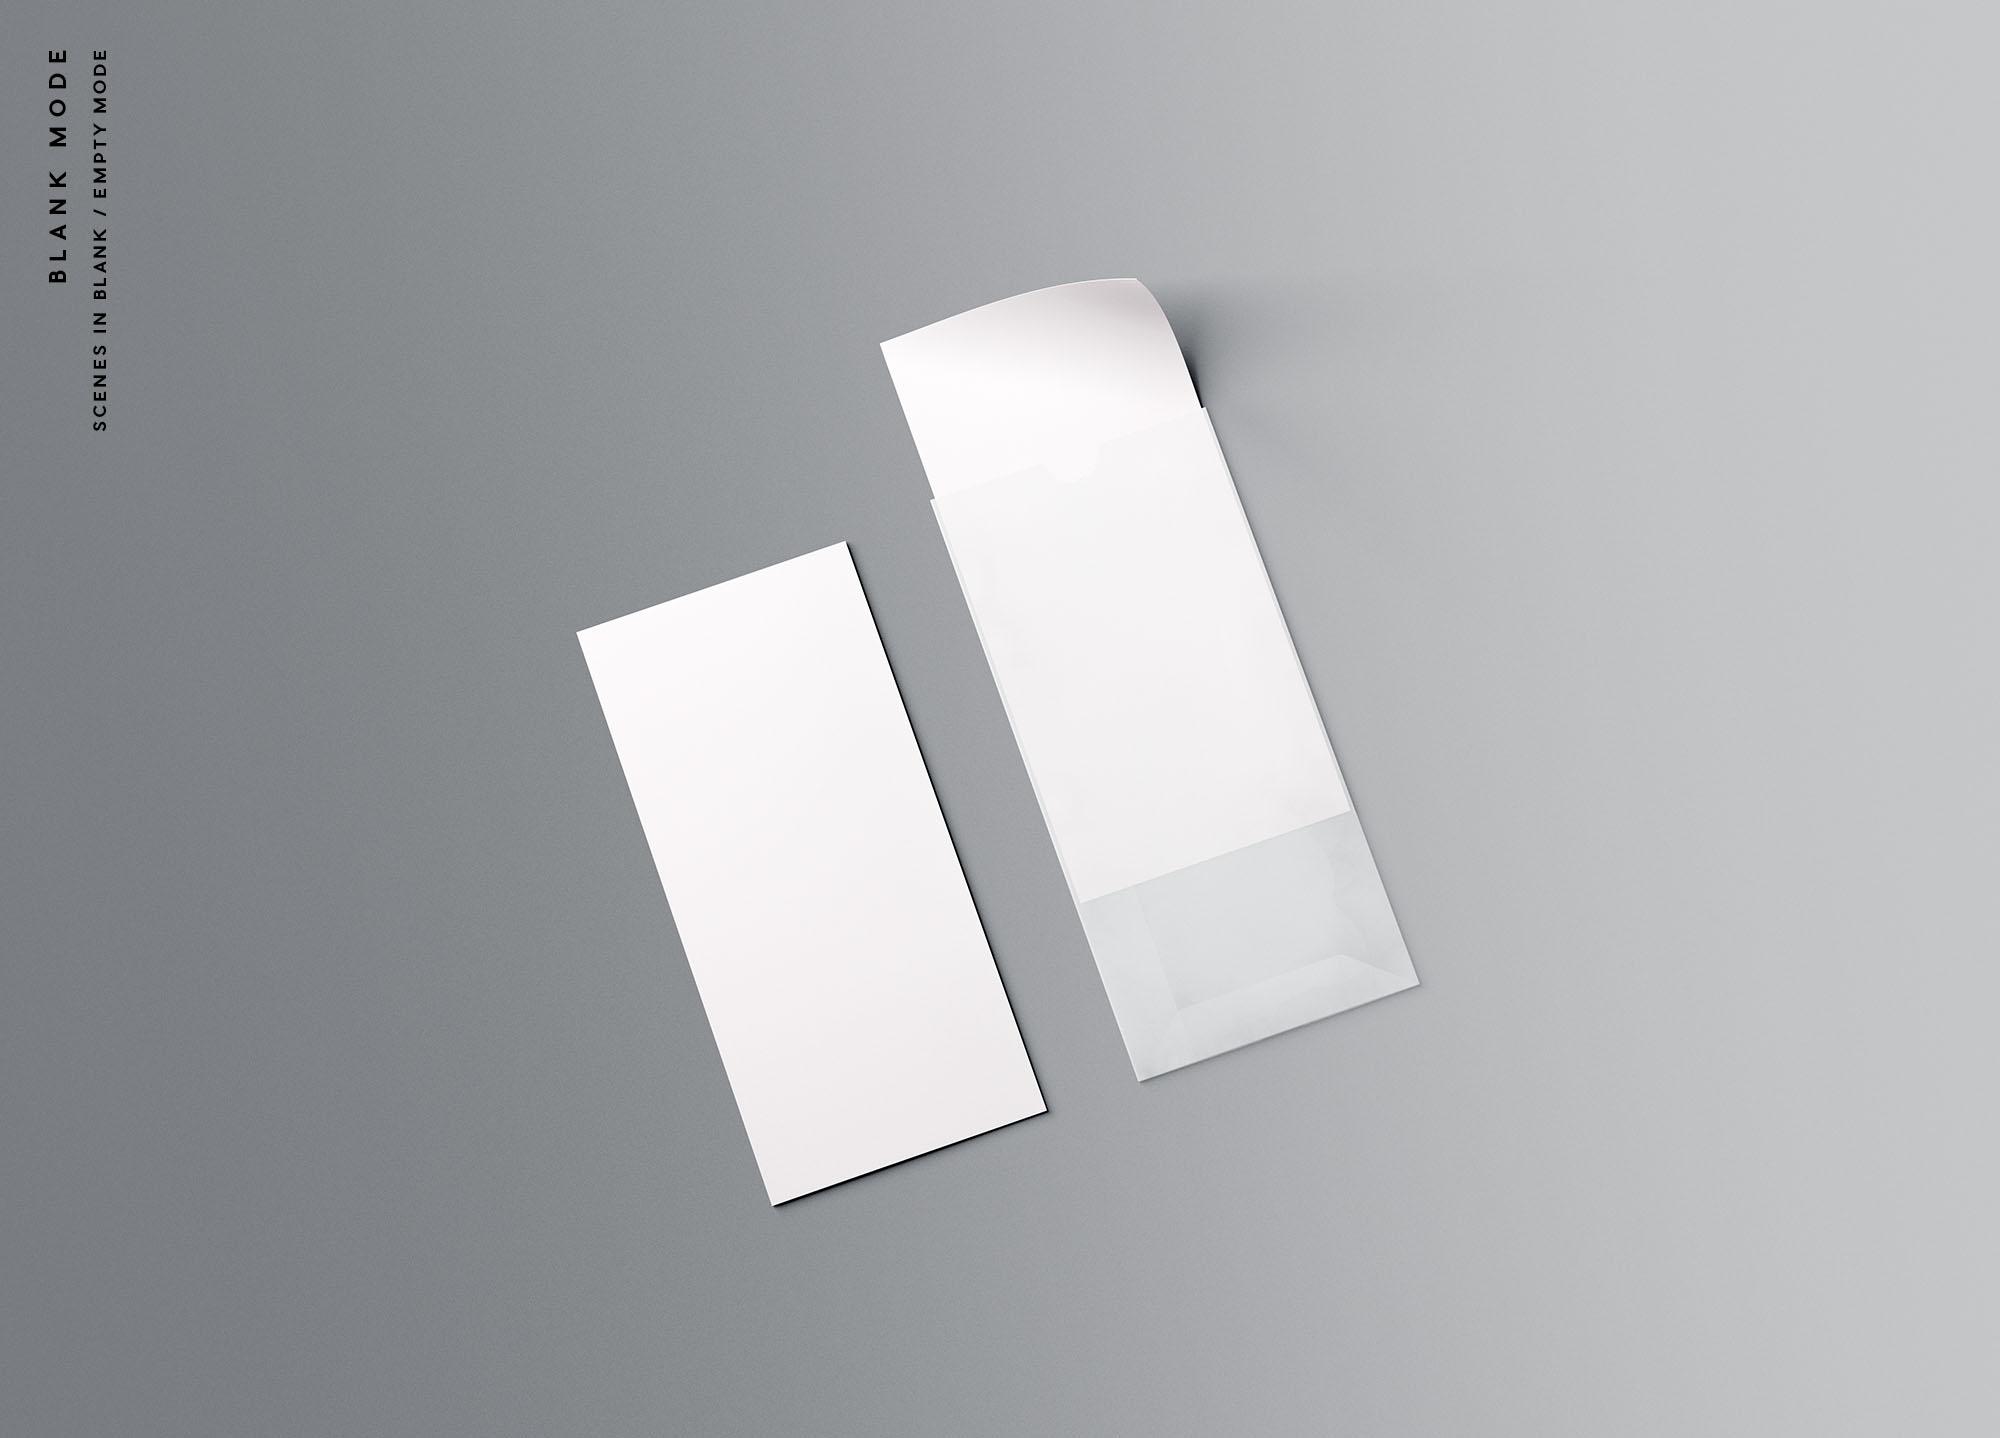 Vertical Leaflet Mockup - Blank Mode